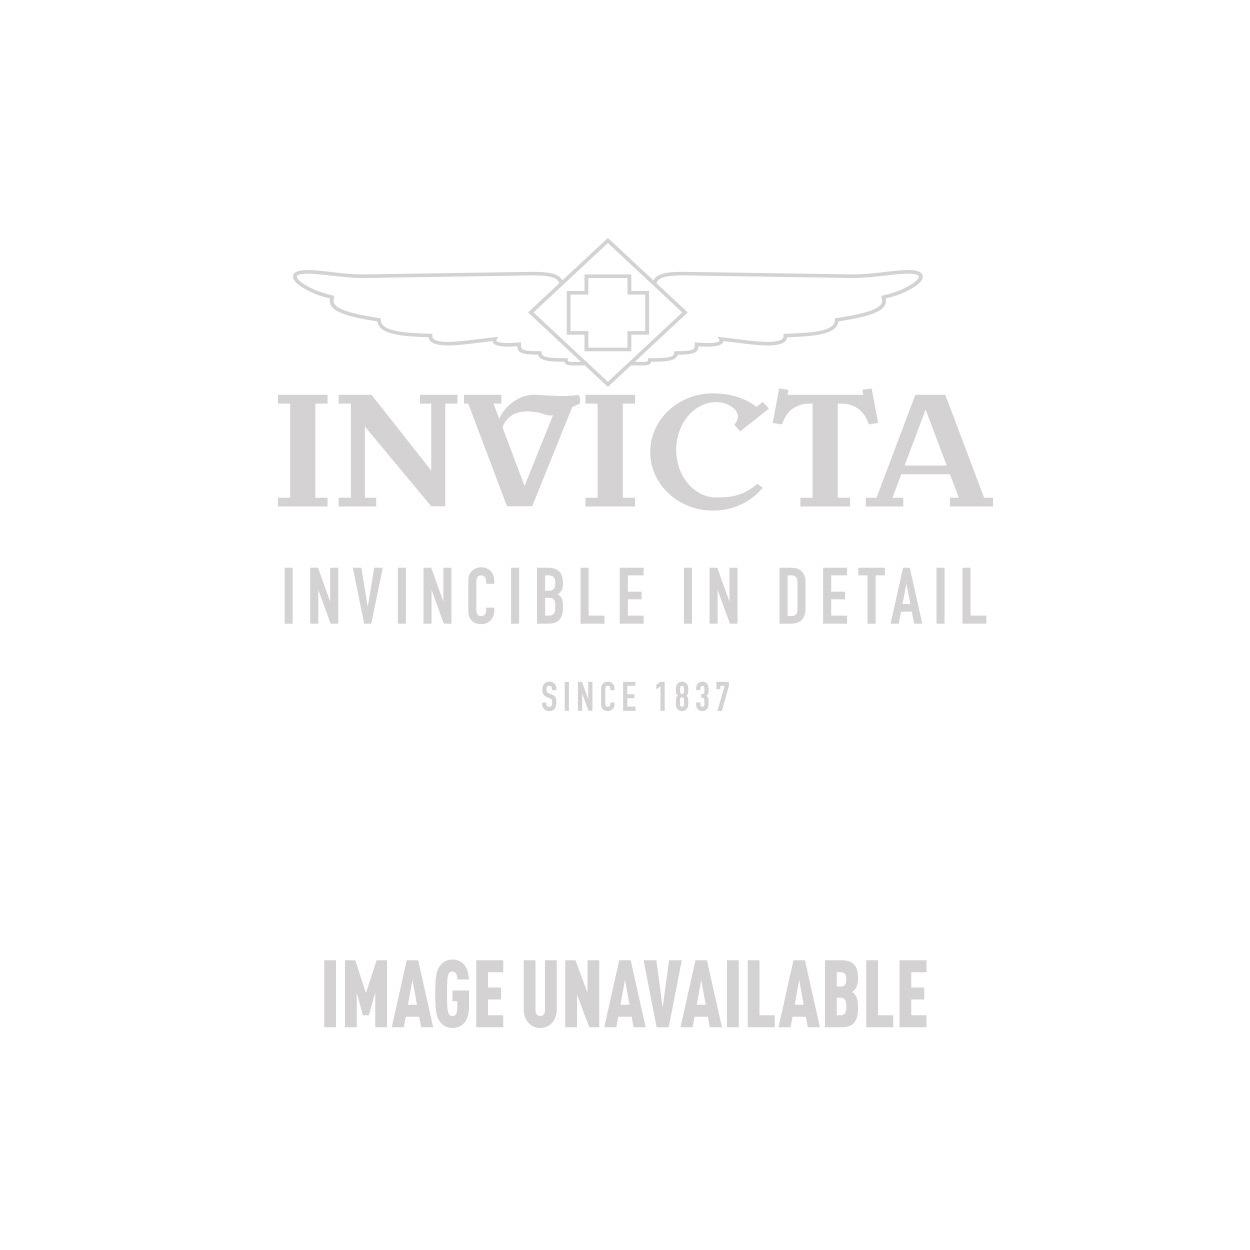 Invicta Model 29605